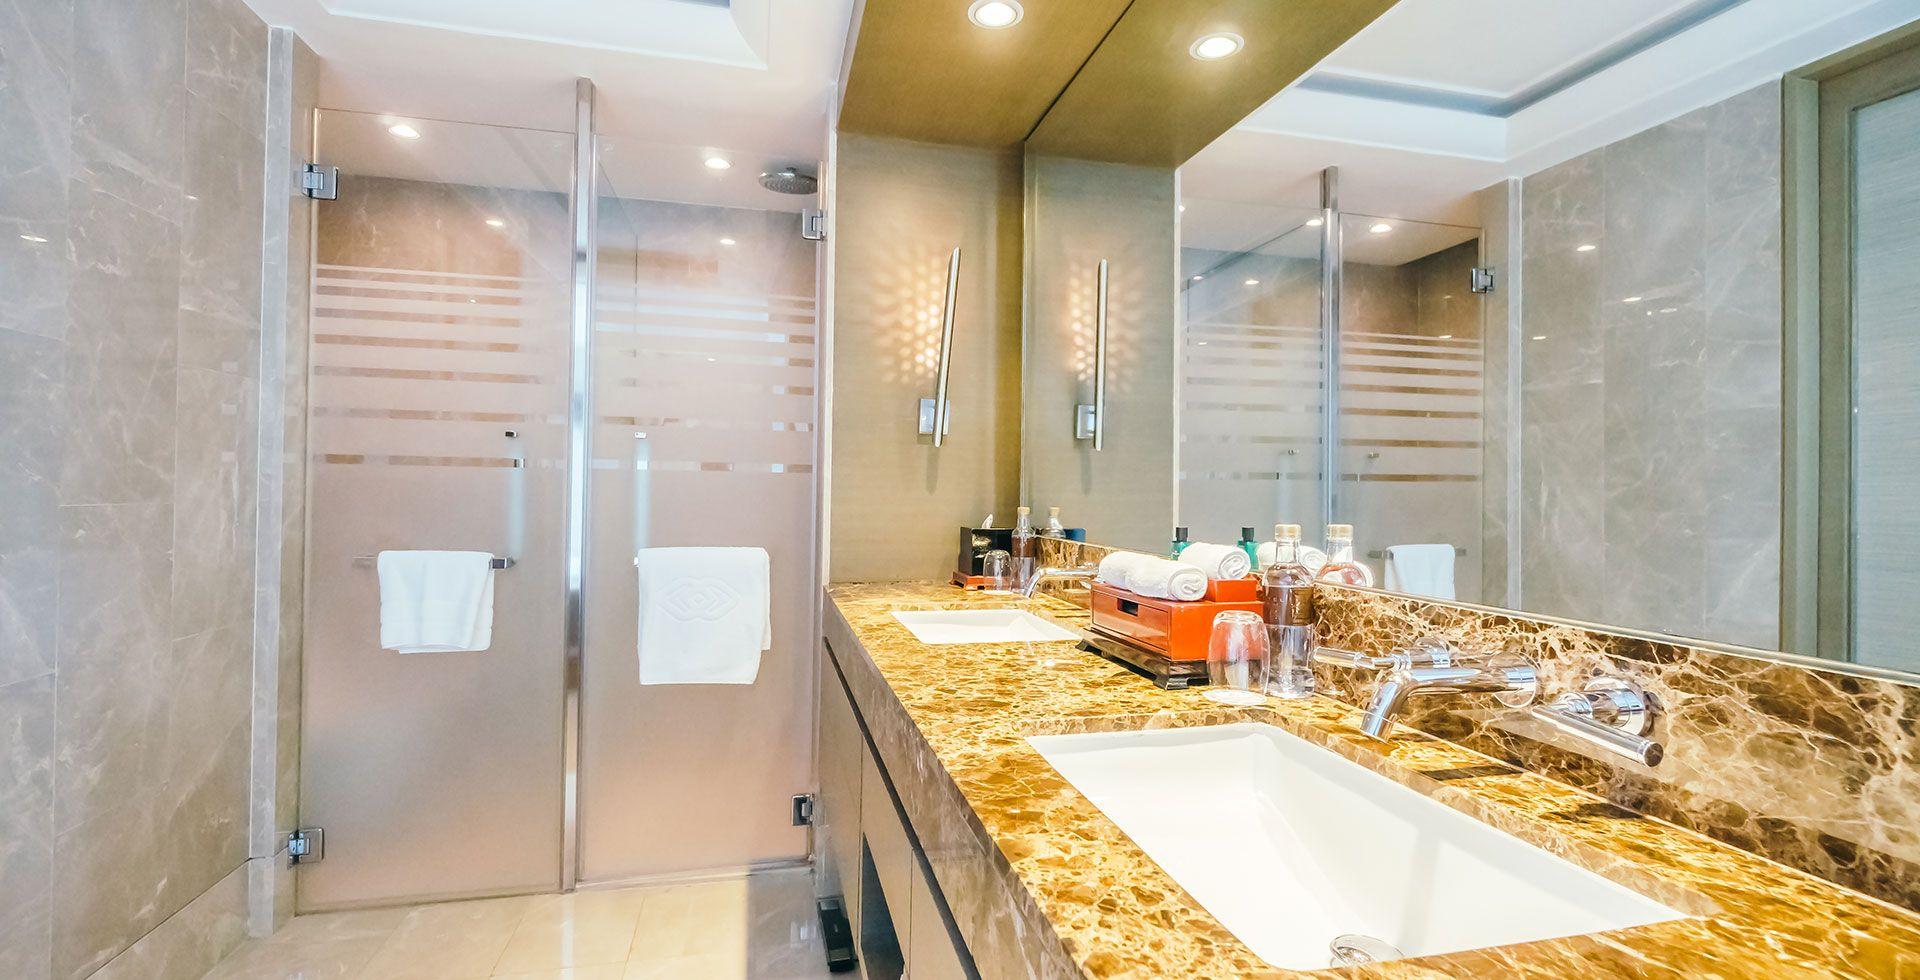 Divisiones de baño en vidrio templado | Vitrolit